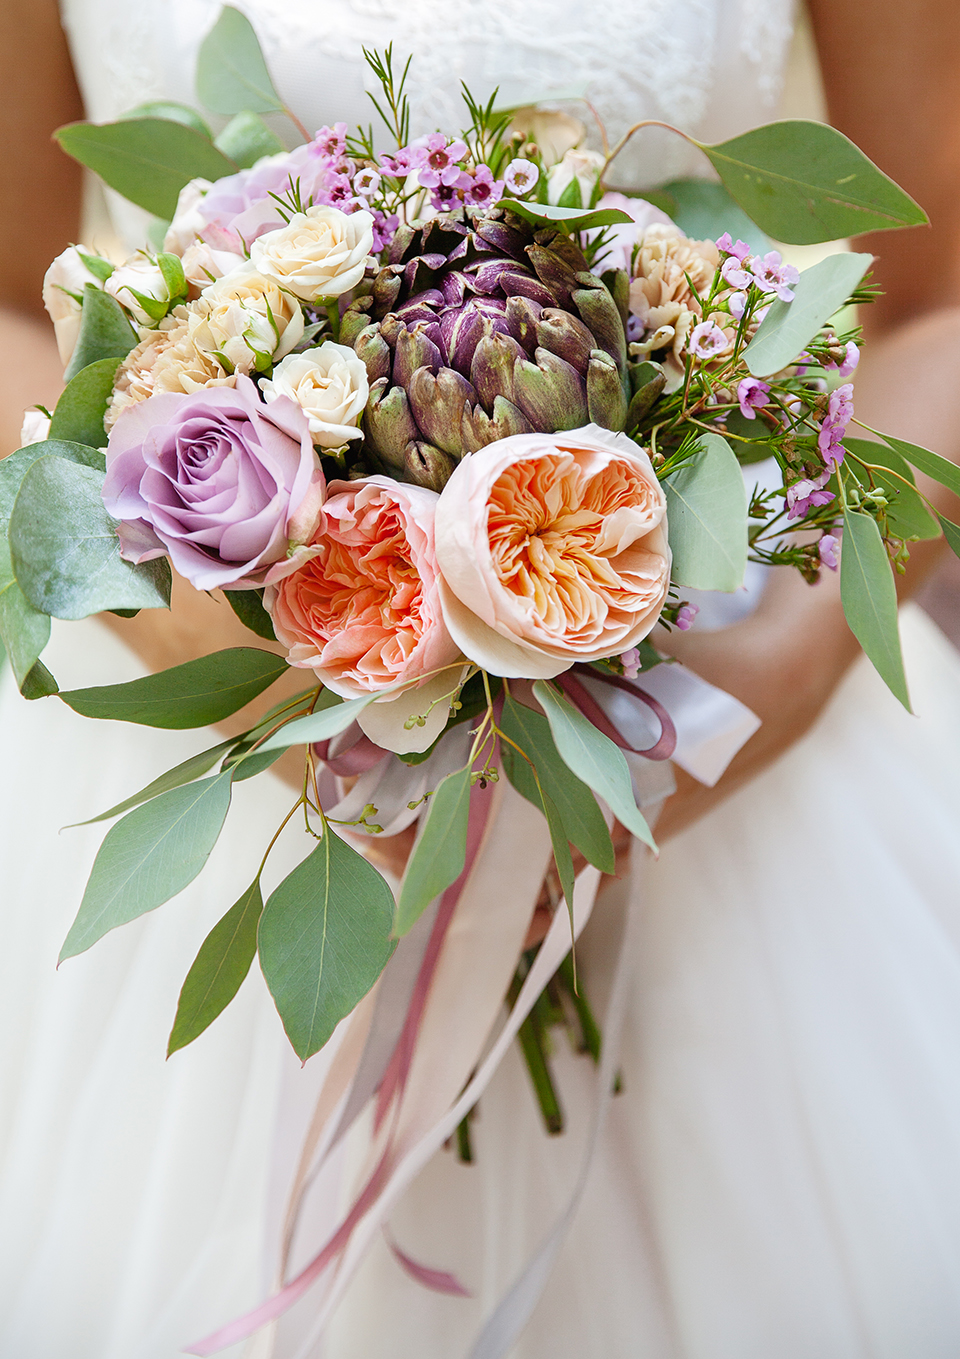 bouquet2tmec.jpg